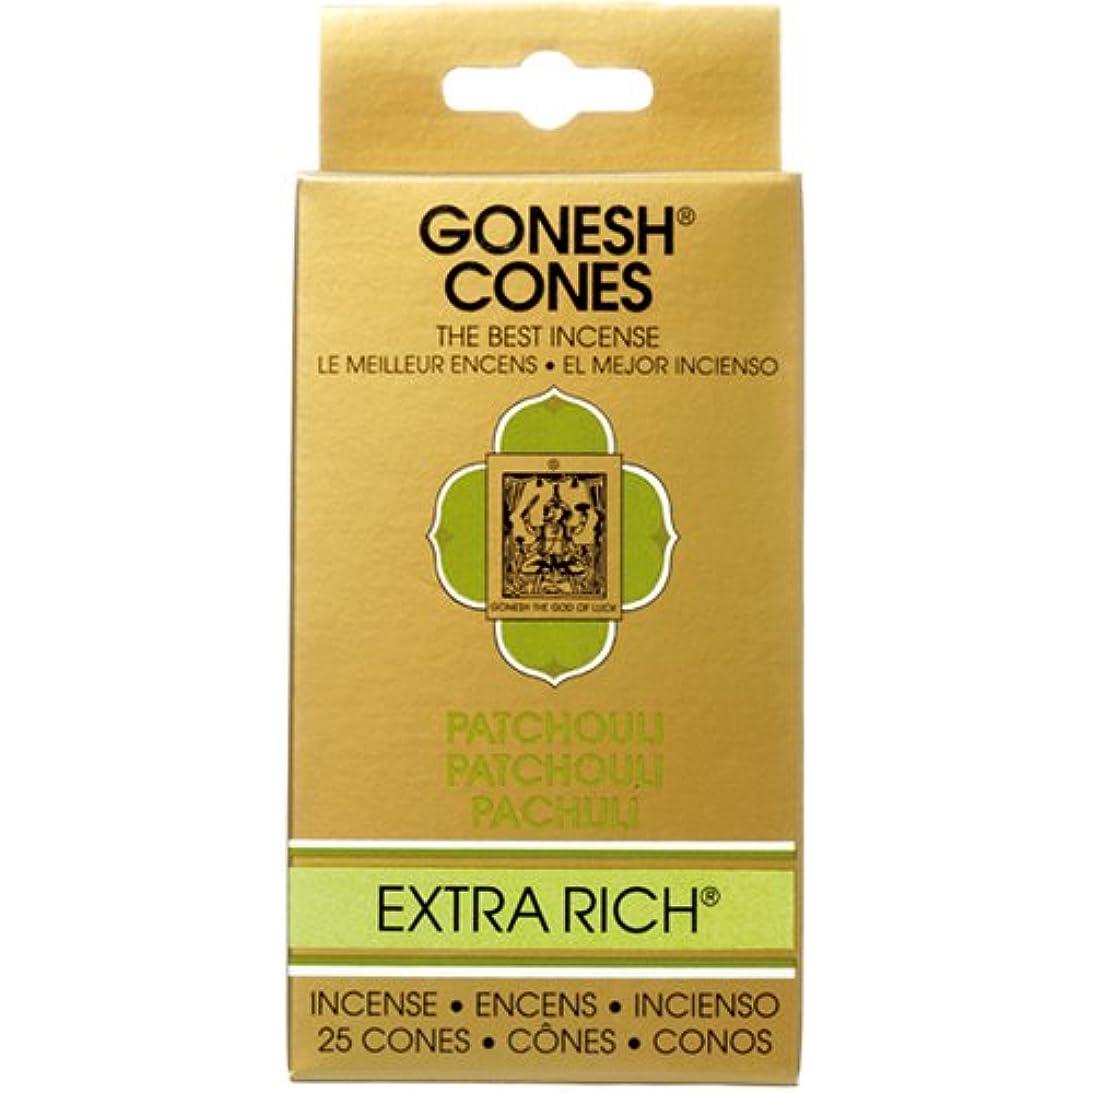 幸福焼く農場ガーネッシュ(GONESH) エクストラリッチ インセンス コーン パチュリ 25個入(お香)